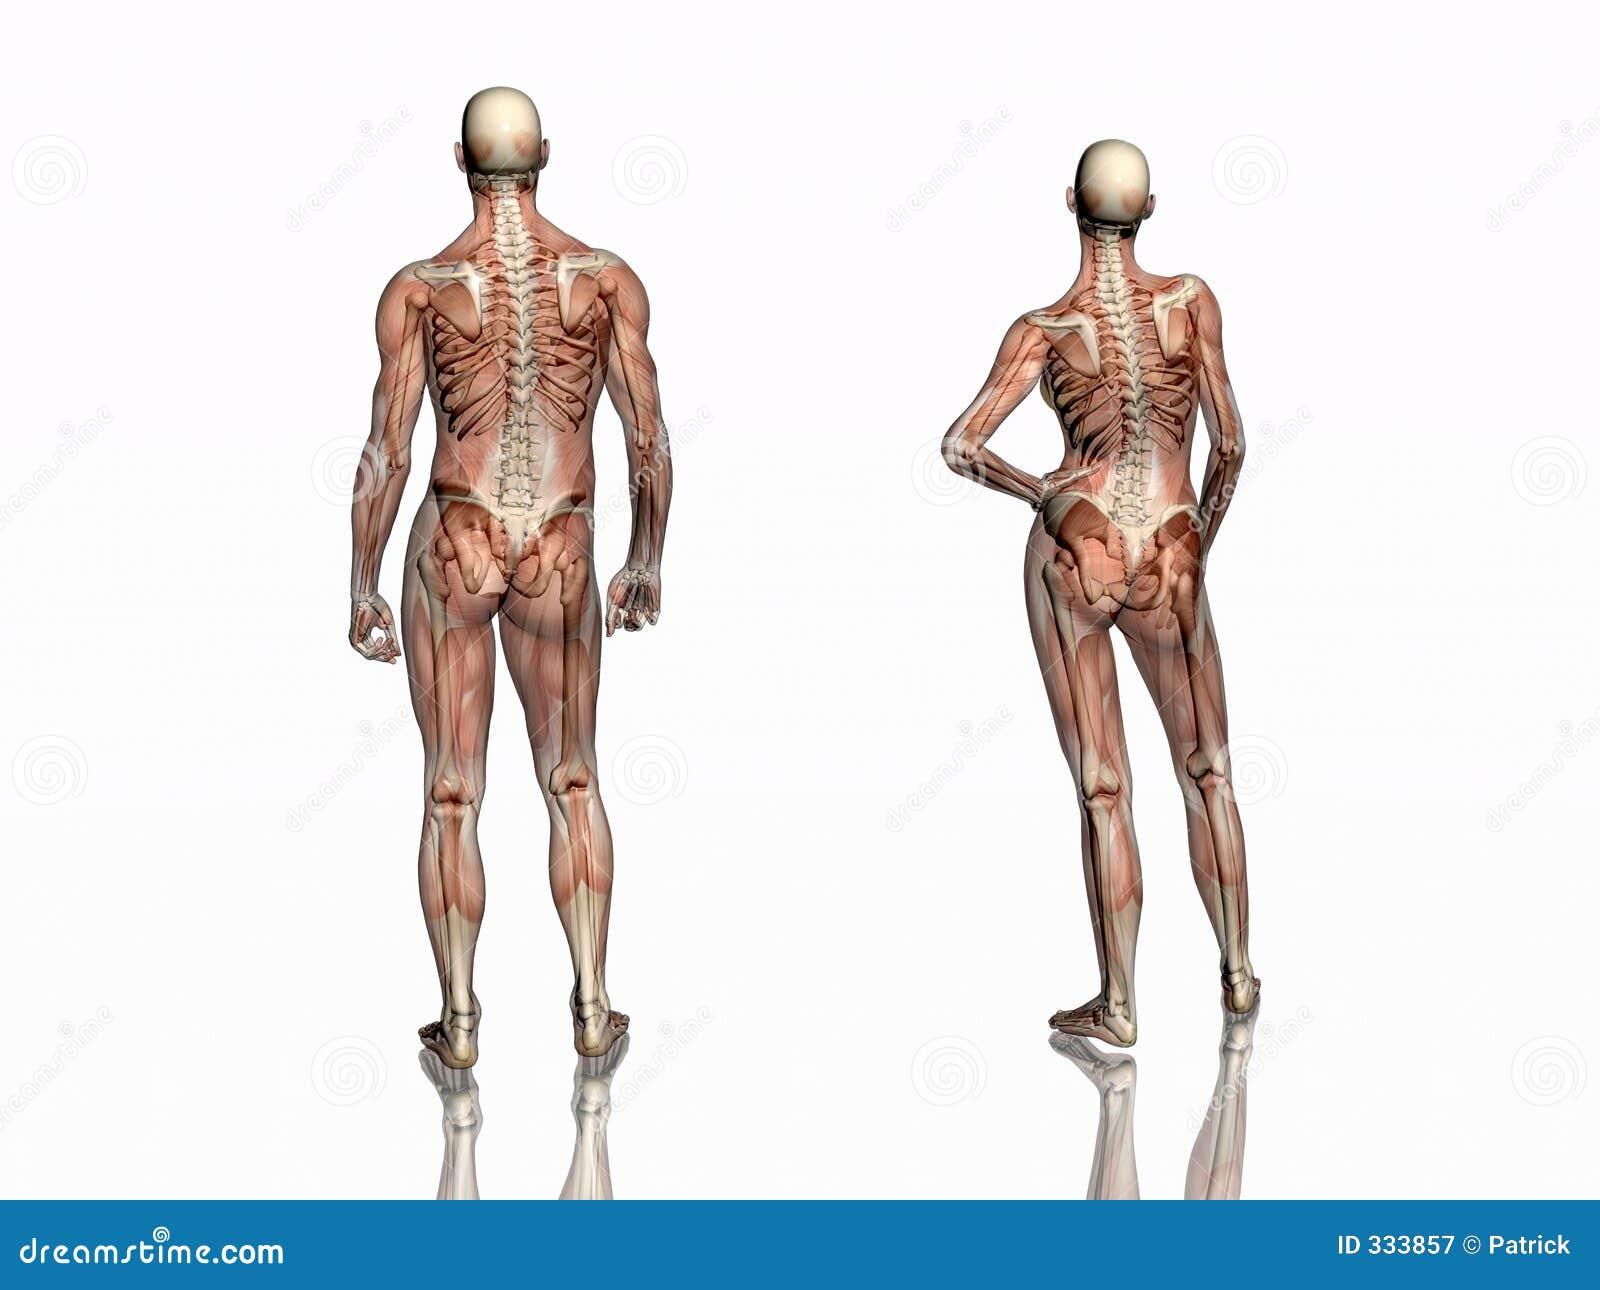 Nett Skelett Mit Muskeln Zeitgenössisch - Anatomie Ideen - finotti.info